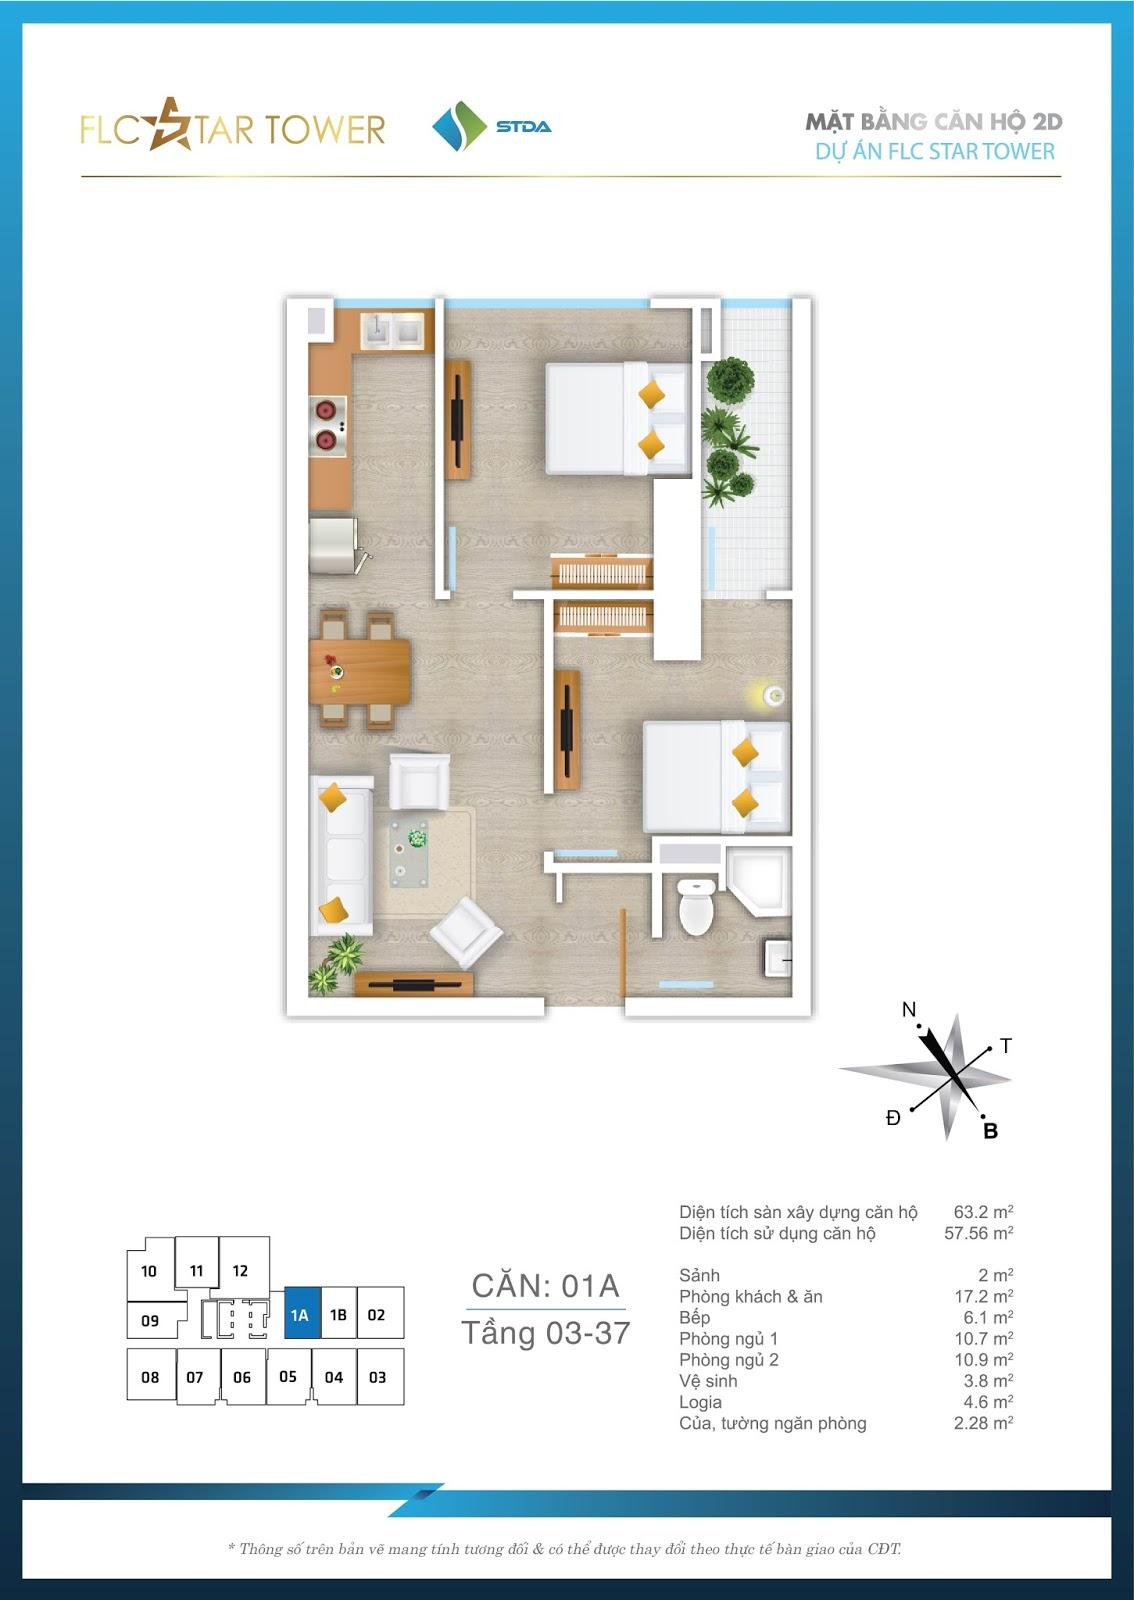 Thiết kế căn hộ 1A - Chung cư FLC Star Tower Hà Đông